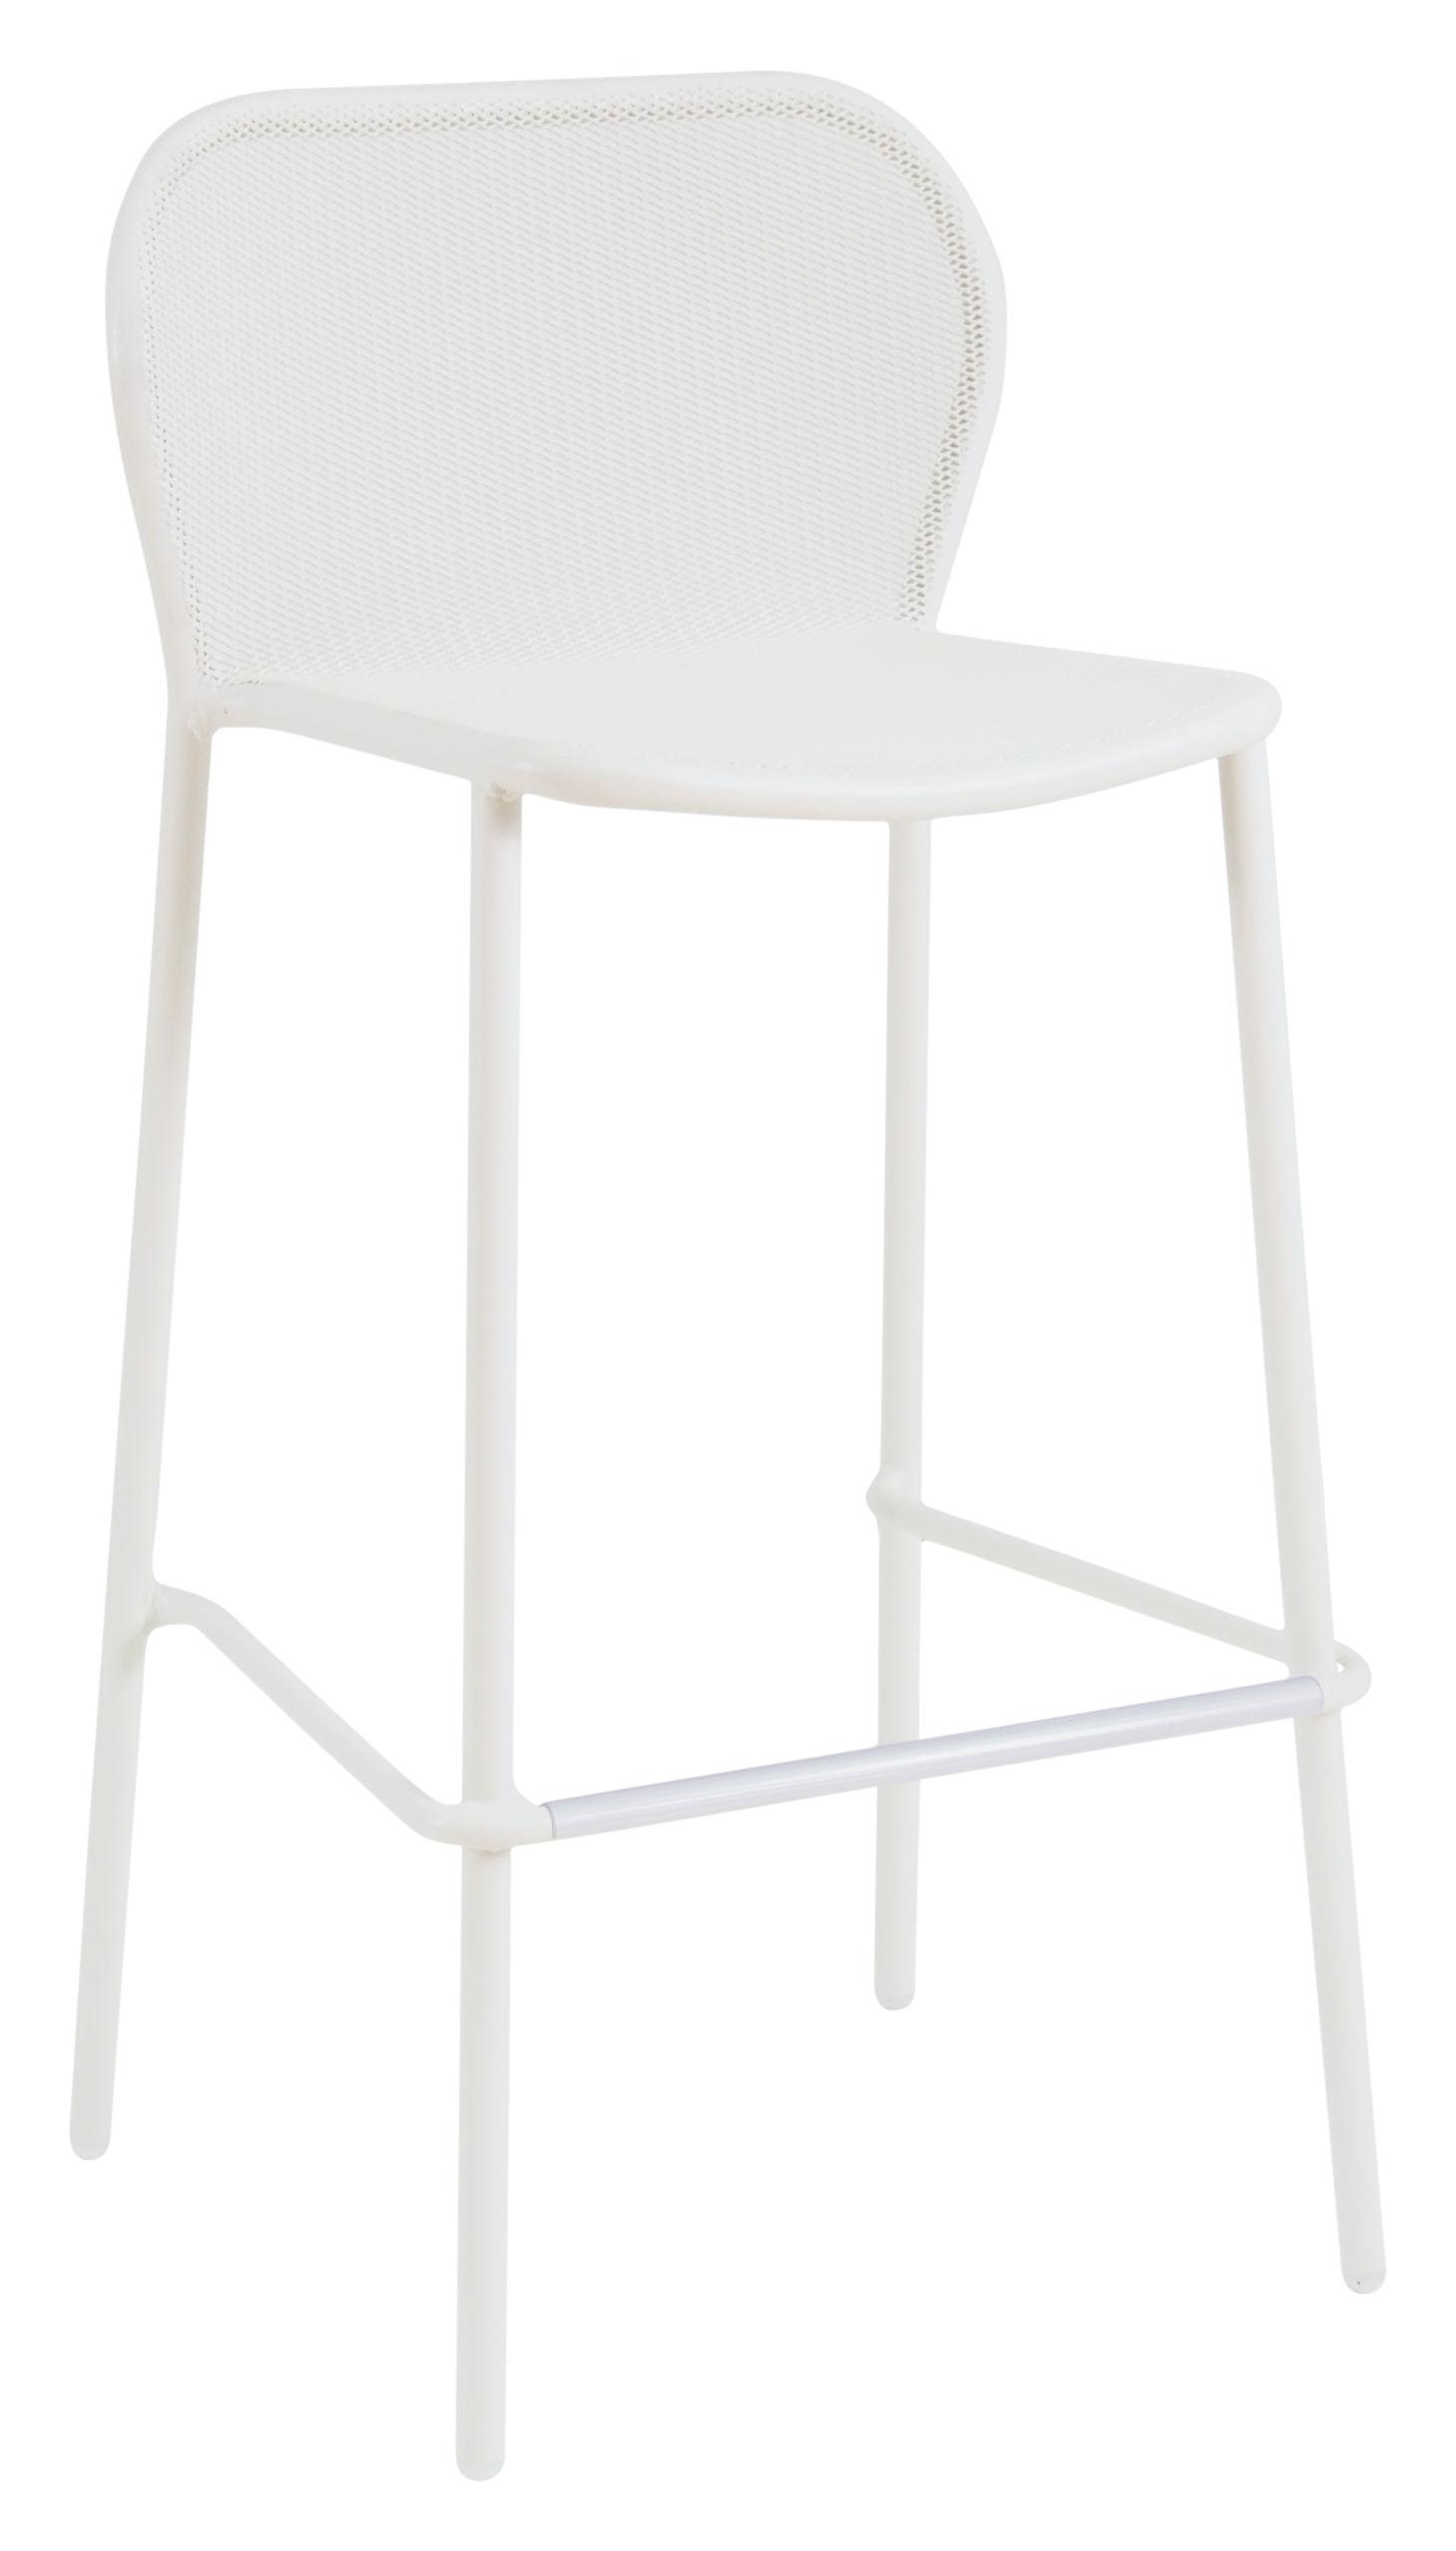 Mobilier - Tabourets de bar - Chaise de bar Darwin / H 75 cm - Métal - Emu - Blanc - Acier verni